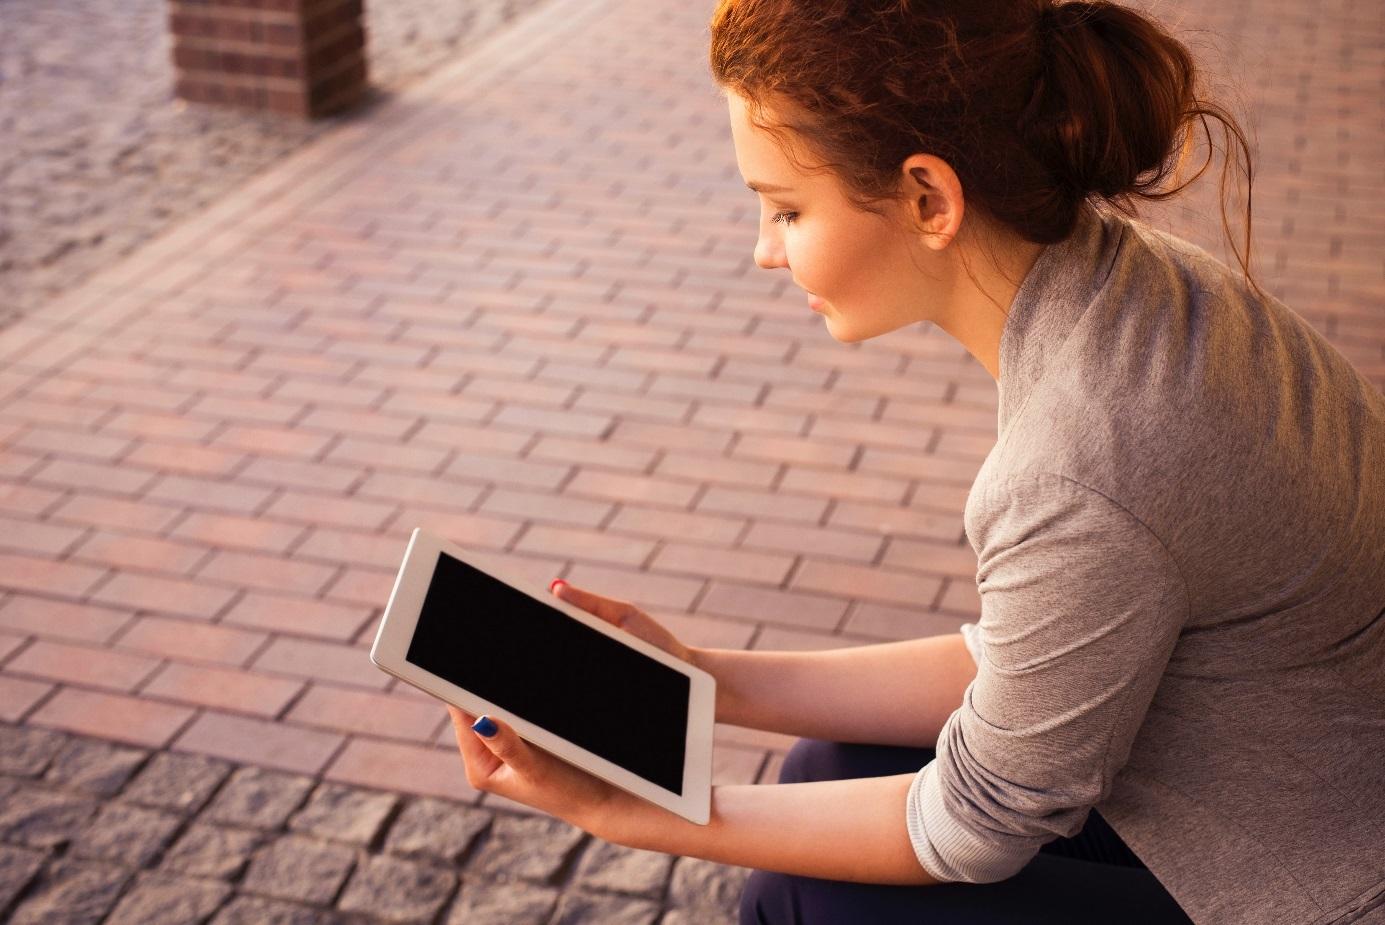 Junge Frau sitzt auf dem Boden und liest auf ihrem Tablet.  [Copyright = Anna Damianenko / unsplash.com]